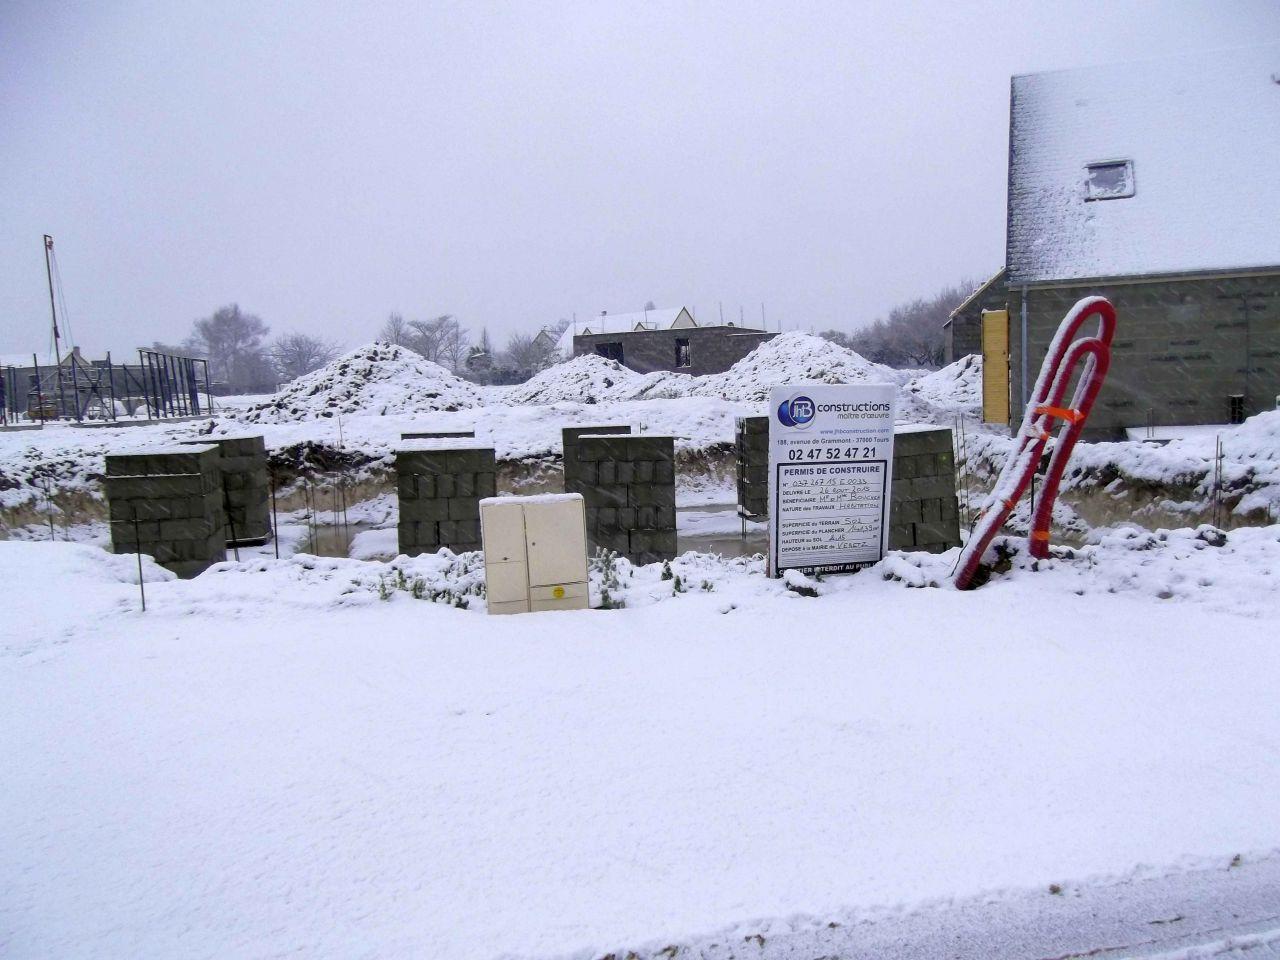 réception des parpaings sous la neige